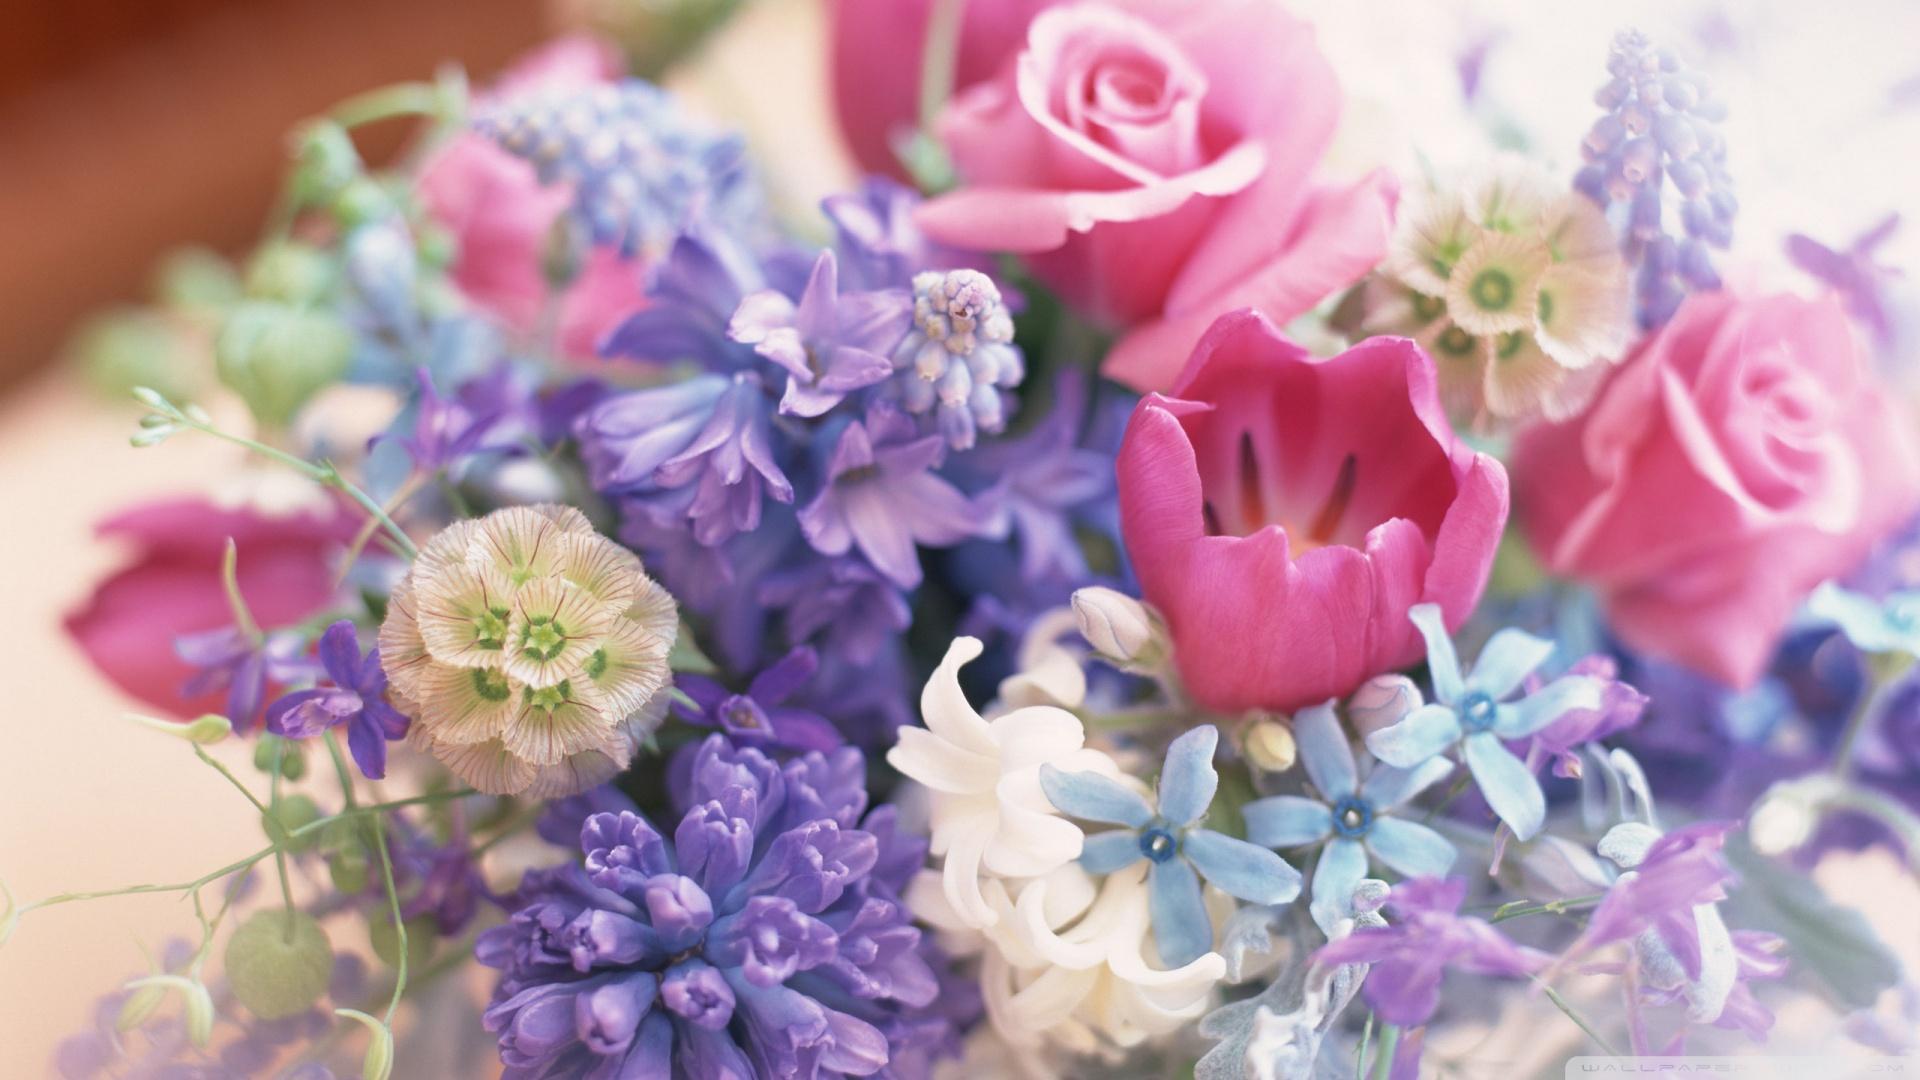 Flower Bouquet Free Hd Wallpapers